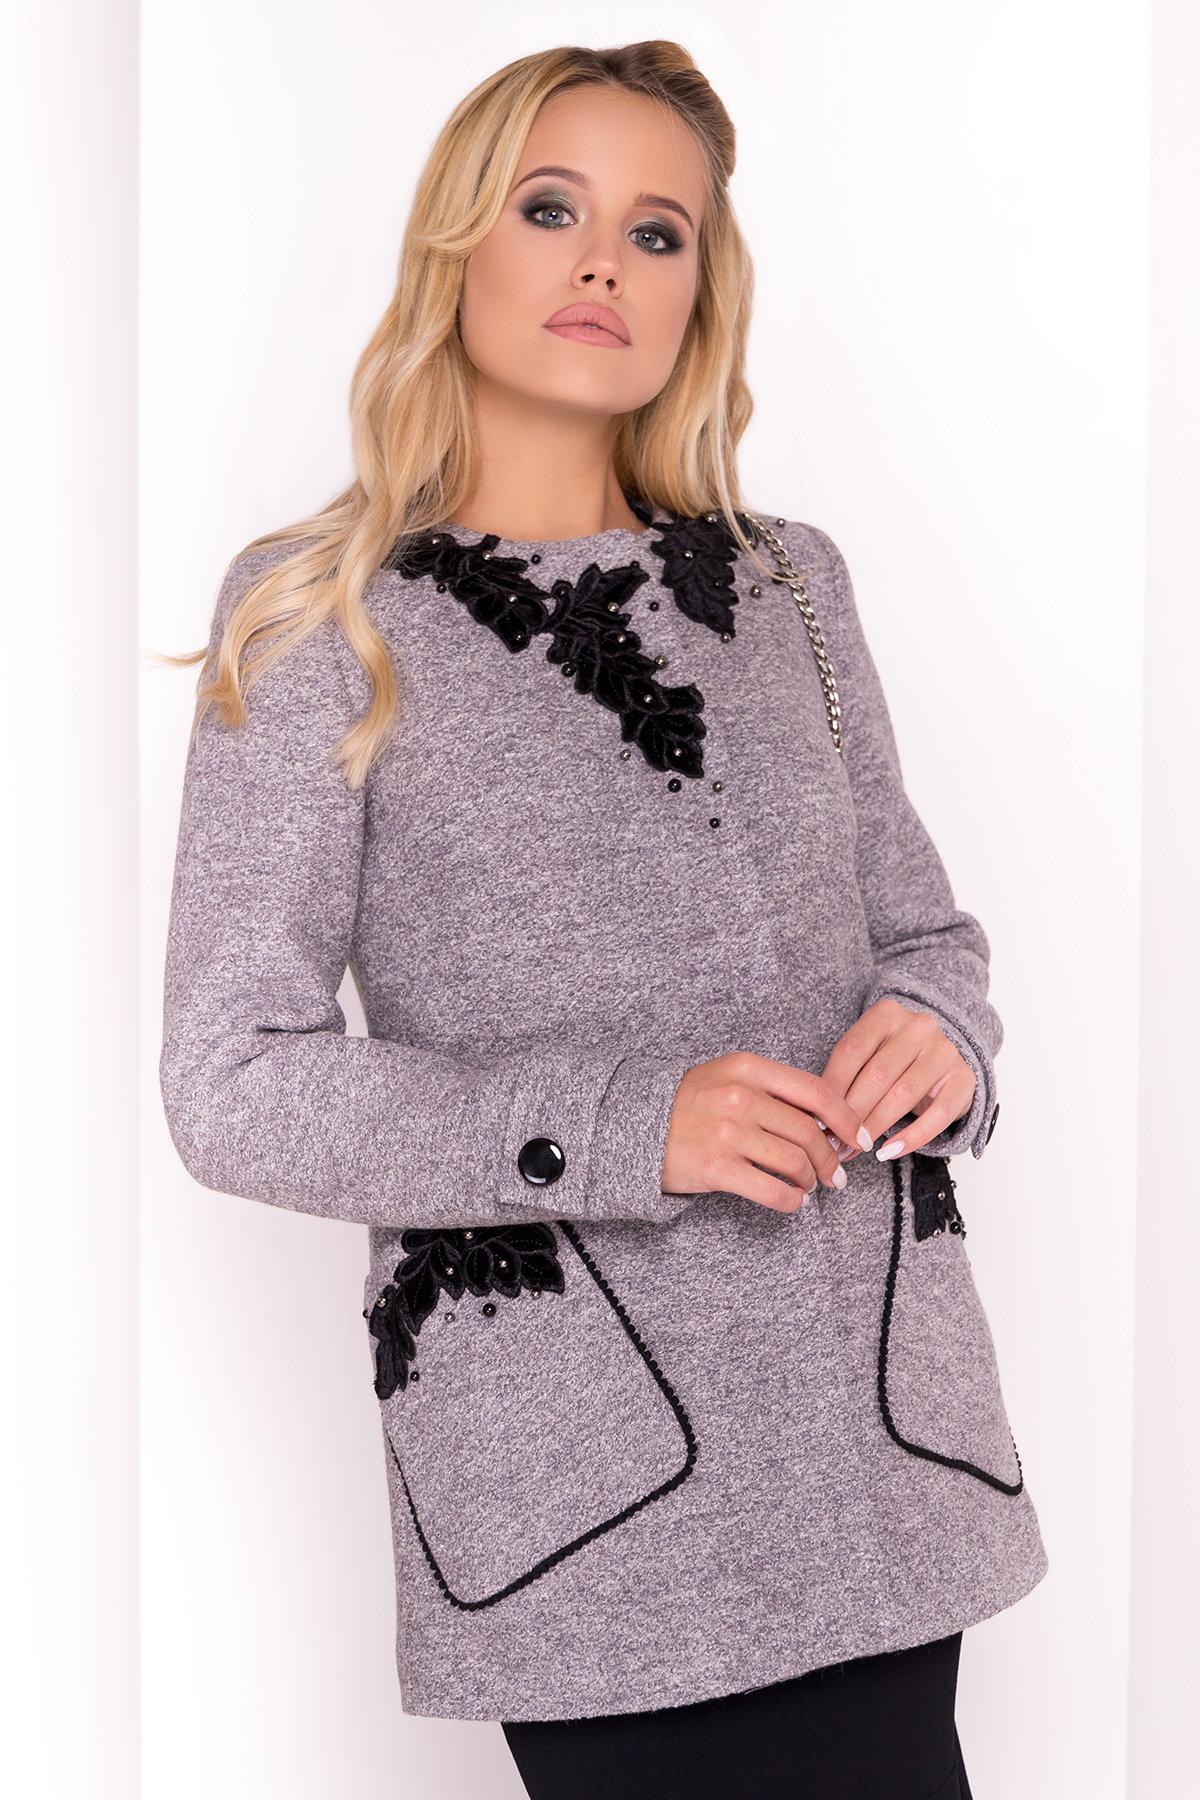 Пальто Латта 5328 АРТ. 37720 Цвет: Серый LW-10 - фото 3, интернет магазин tm-modus.ru